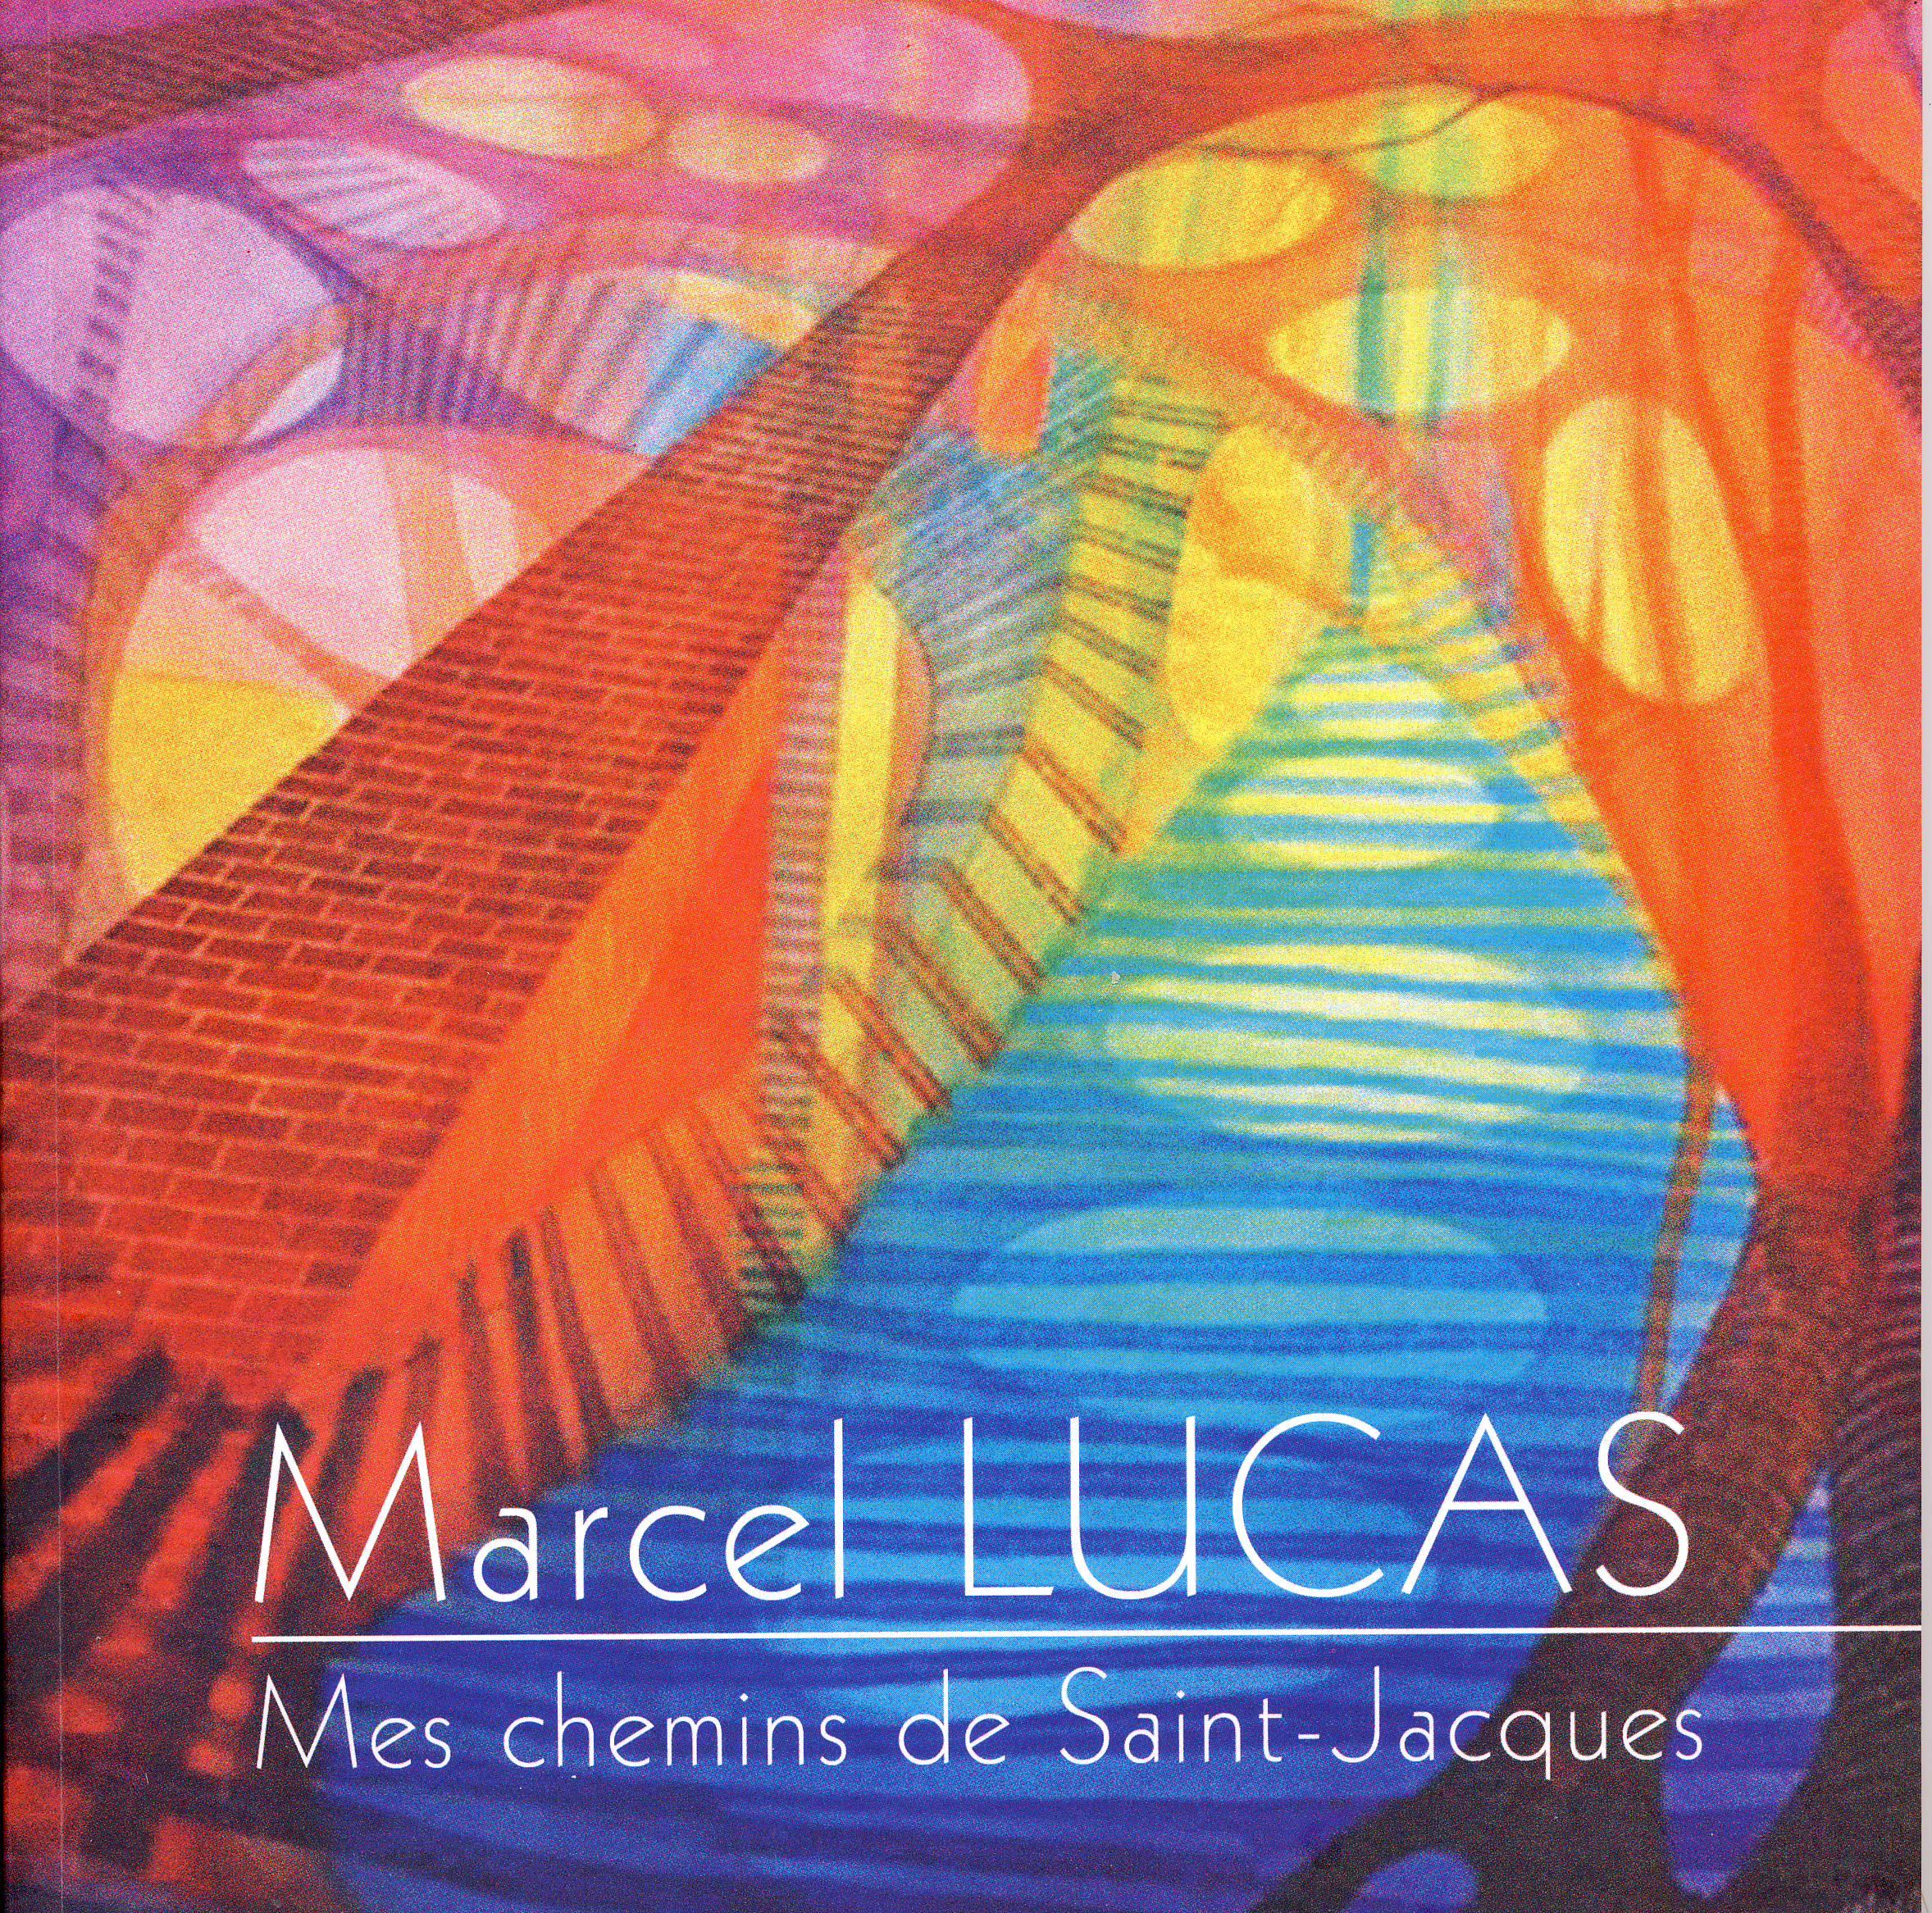 Mes chemins de Saint-Jacques